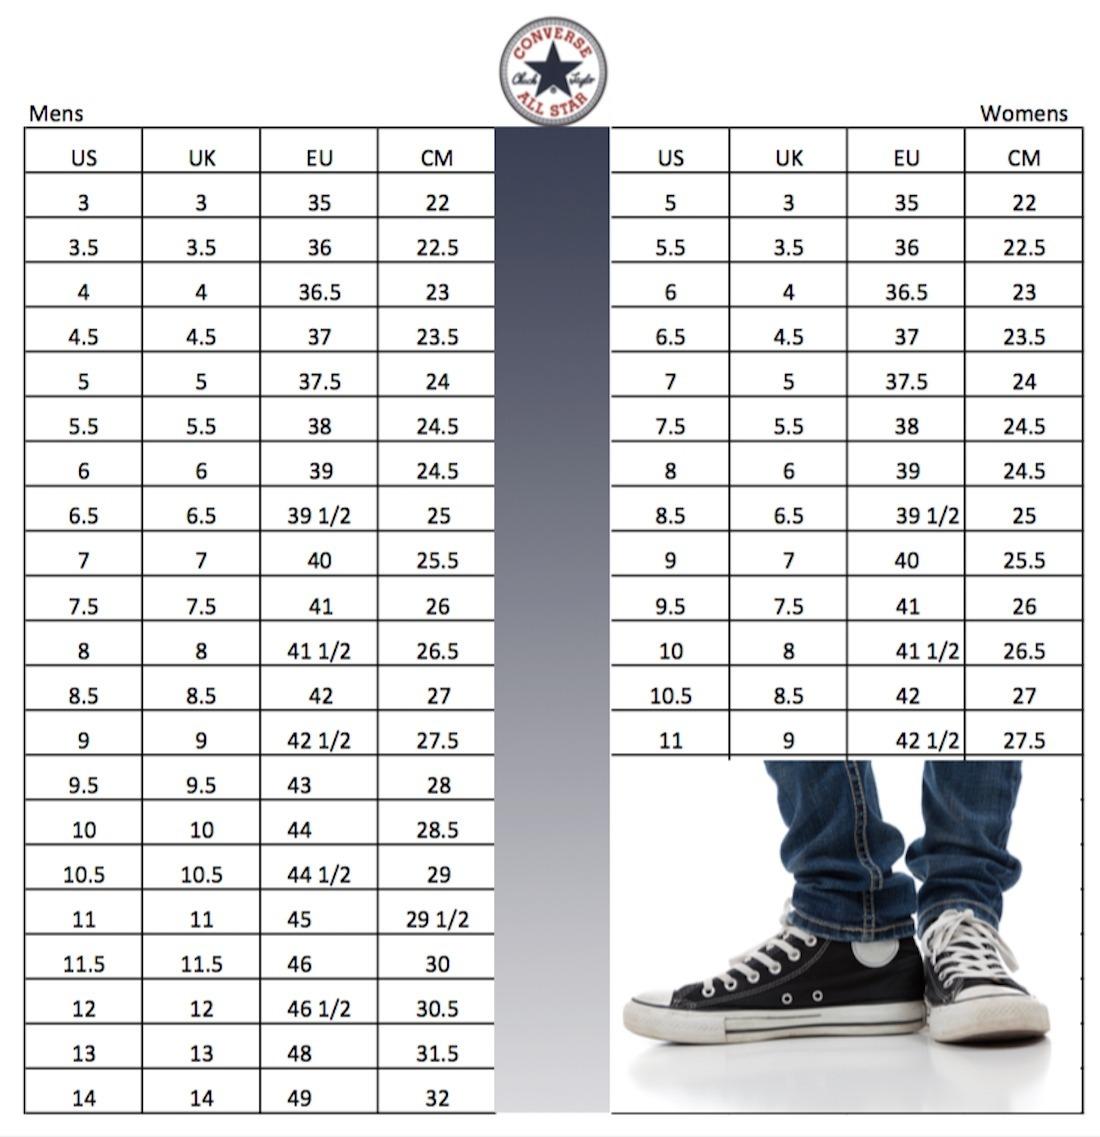 ab8916ed2 Compre 2 APAGADO EN CUALQUIER CASO tabla de tallas converse nios Y ...